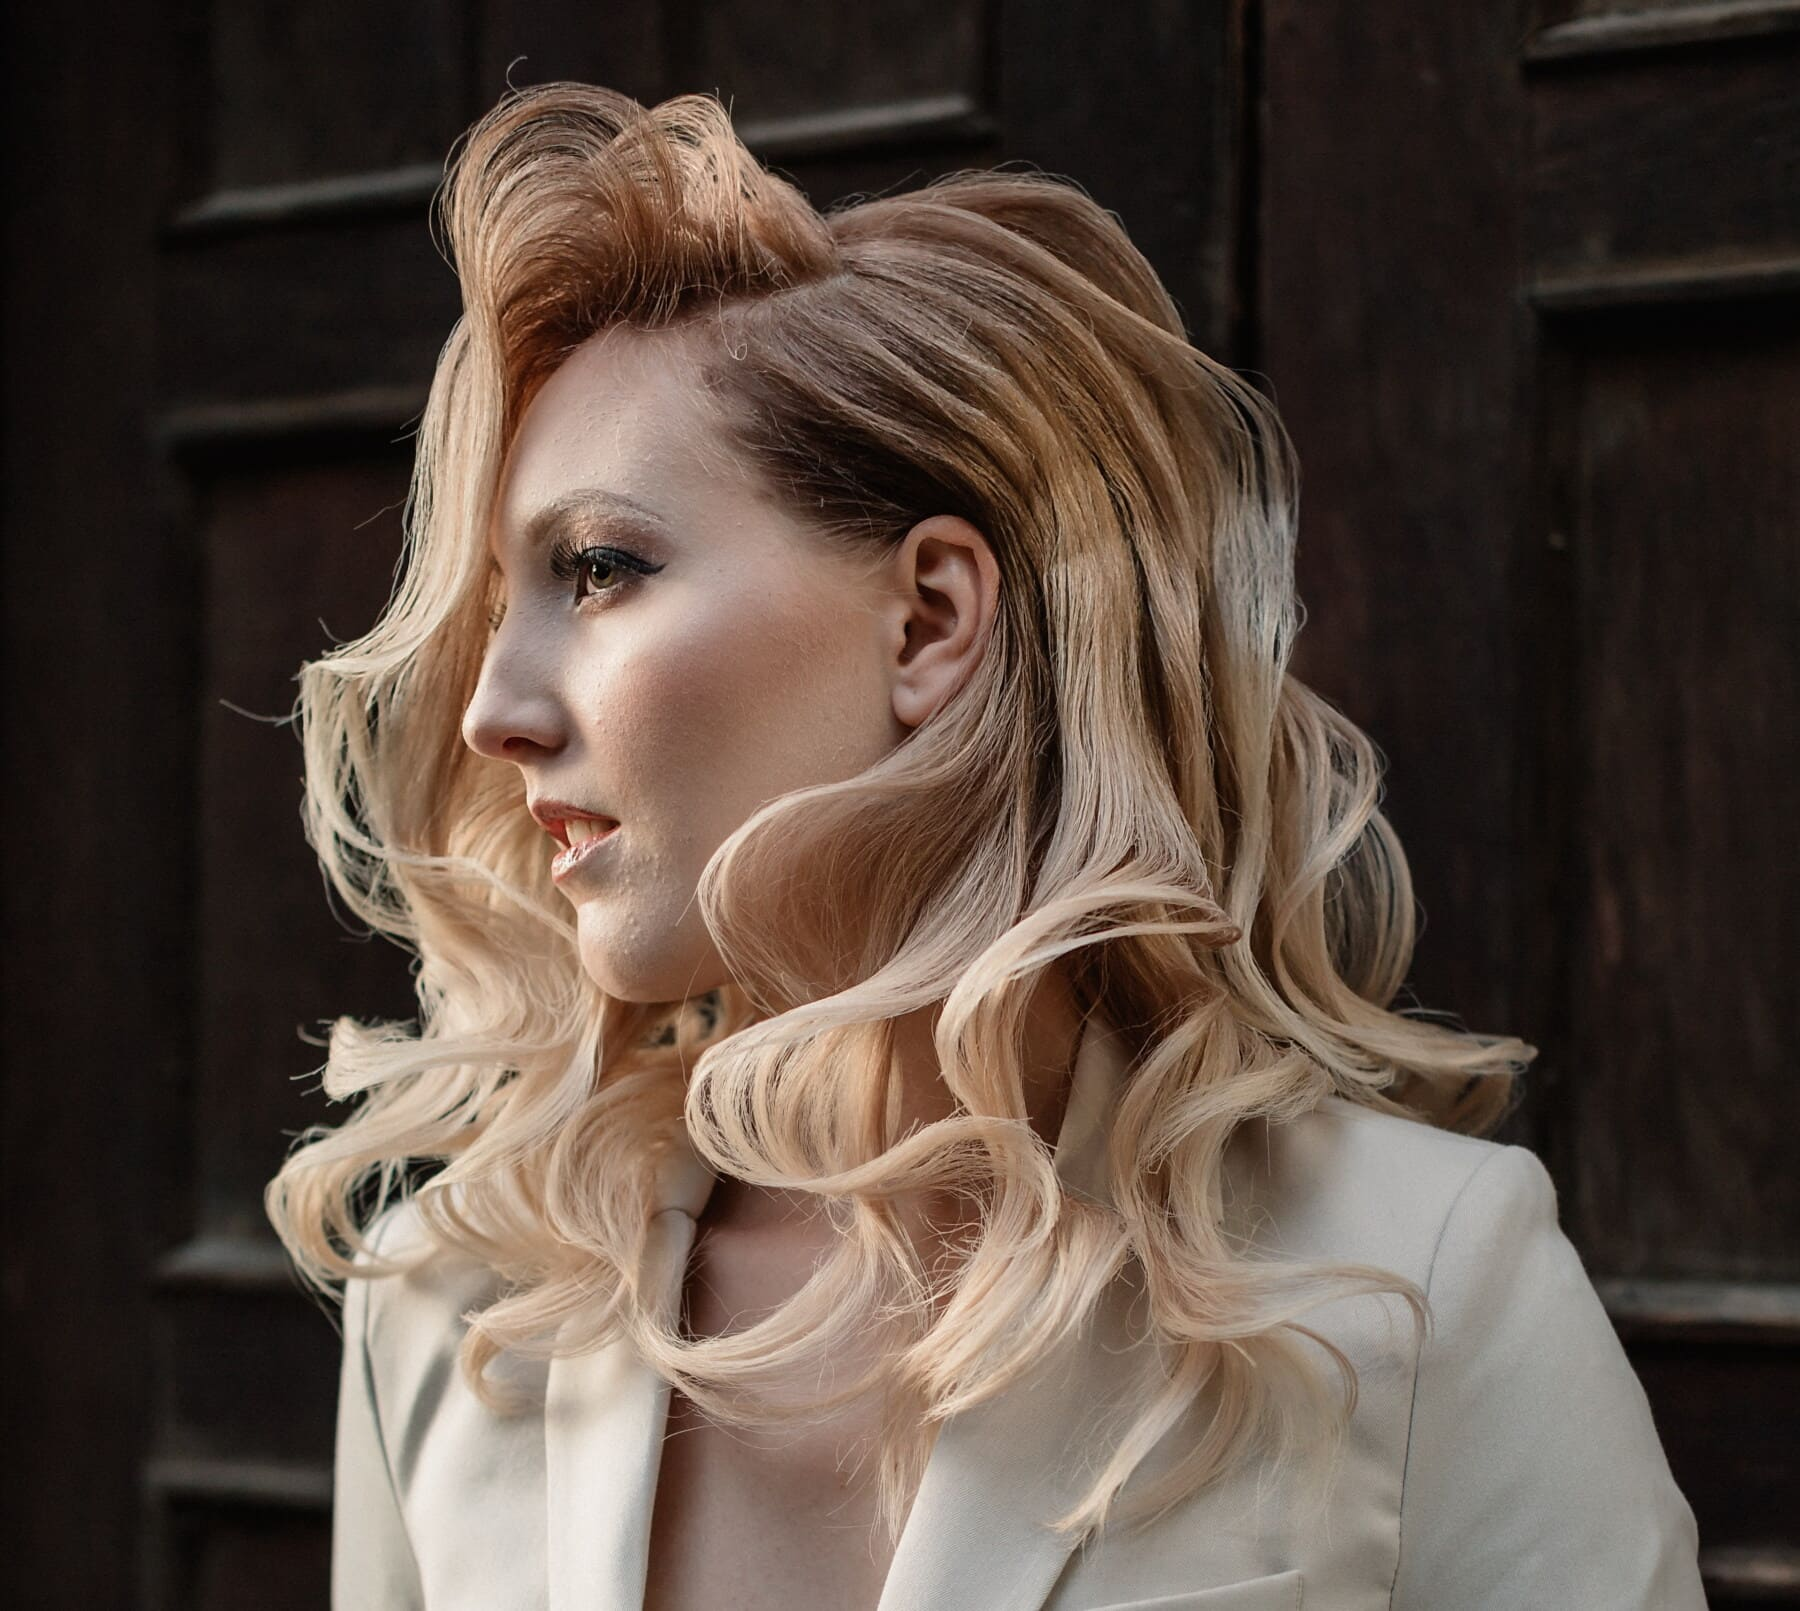 posiert, Geschäftsfrau, Blondine, Fotomodell, Frisur, Outfit, Mode, Seitenansicht, Frau, elegant